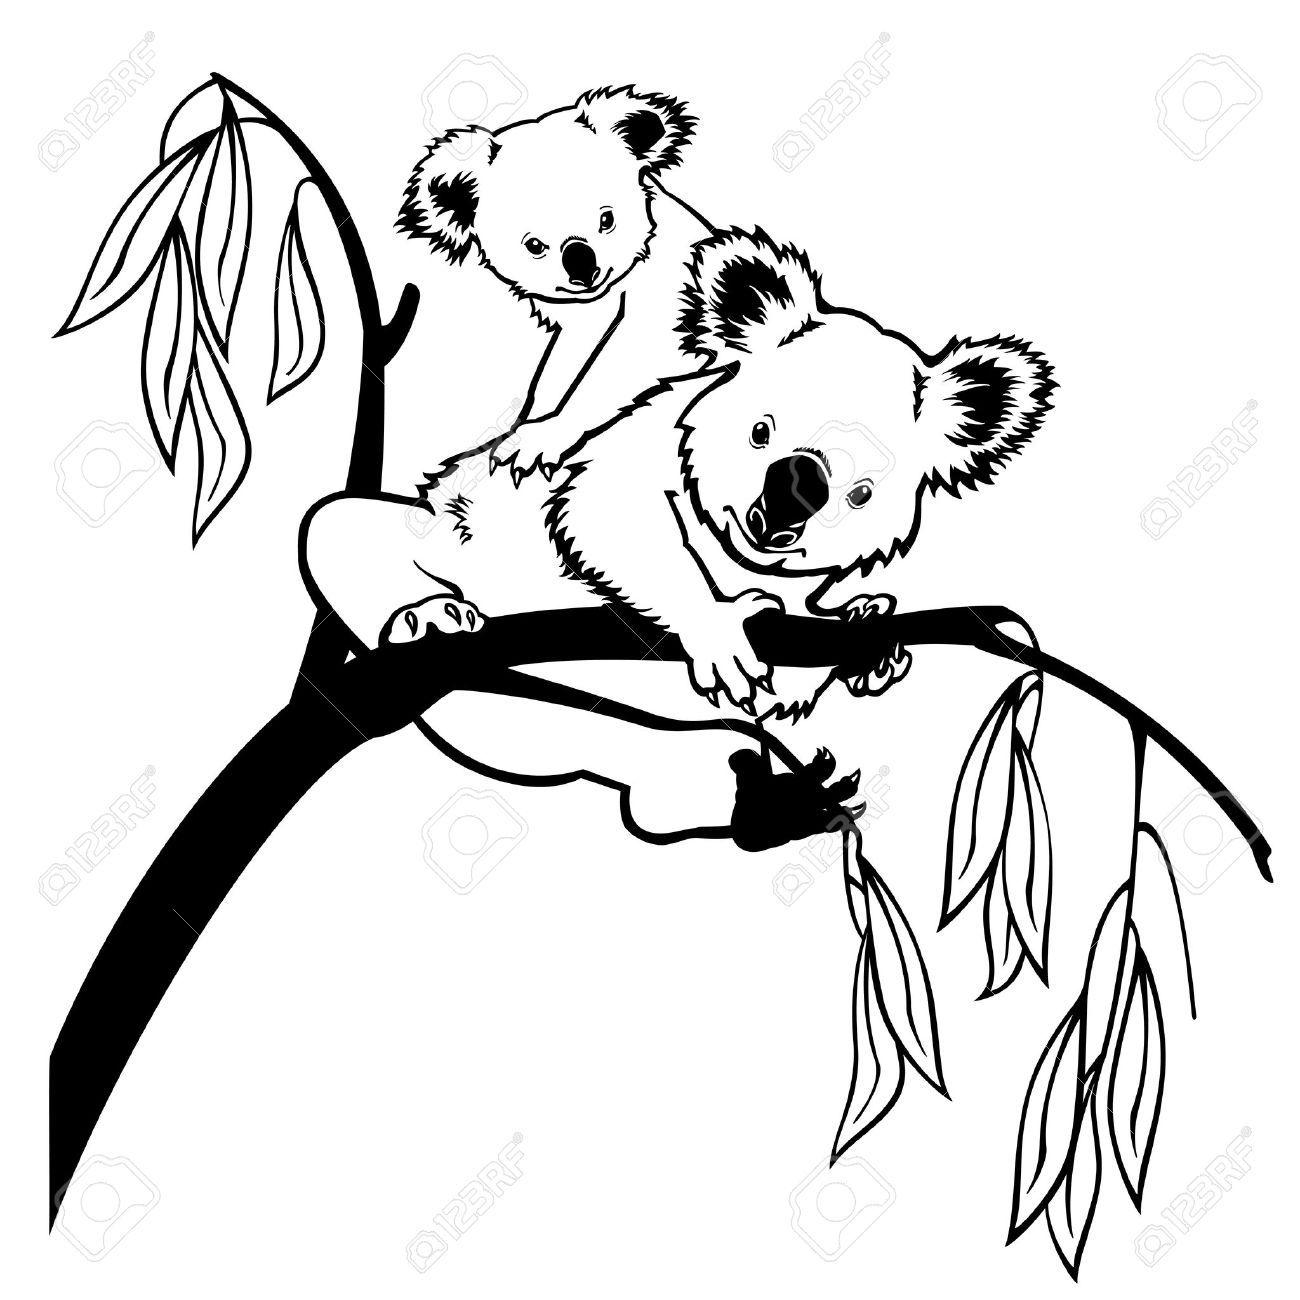 Koala Bear Koala Bear With Joey Climbing Eucalyptus Tree Black And White Picture Isolated On Koala Bear Koala Tree Sketches